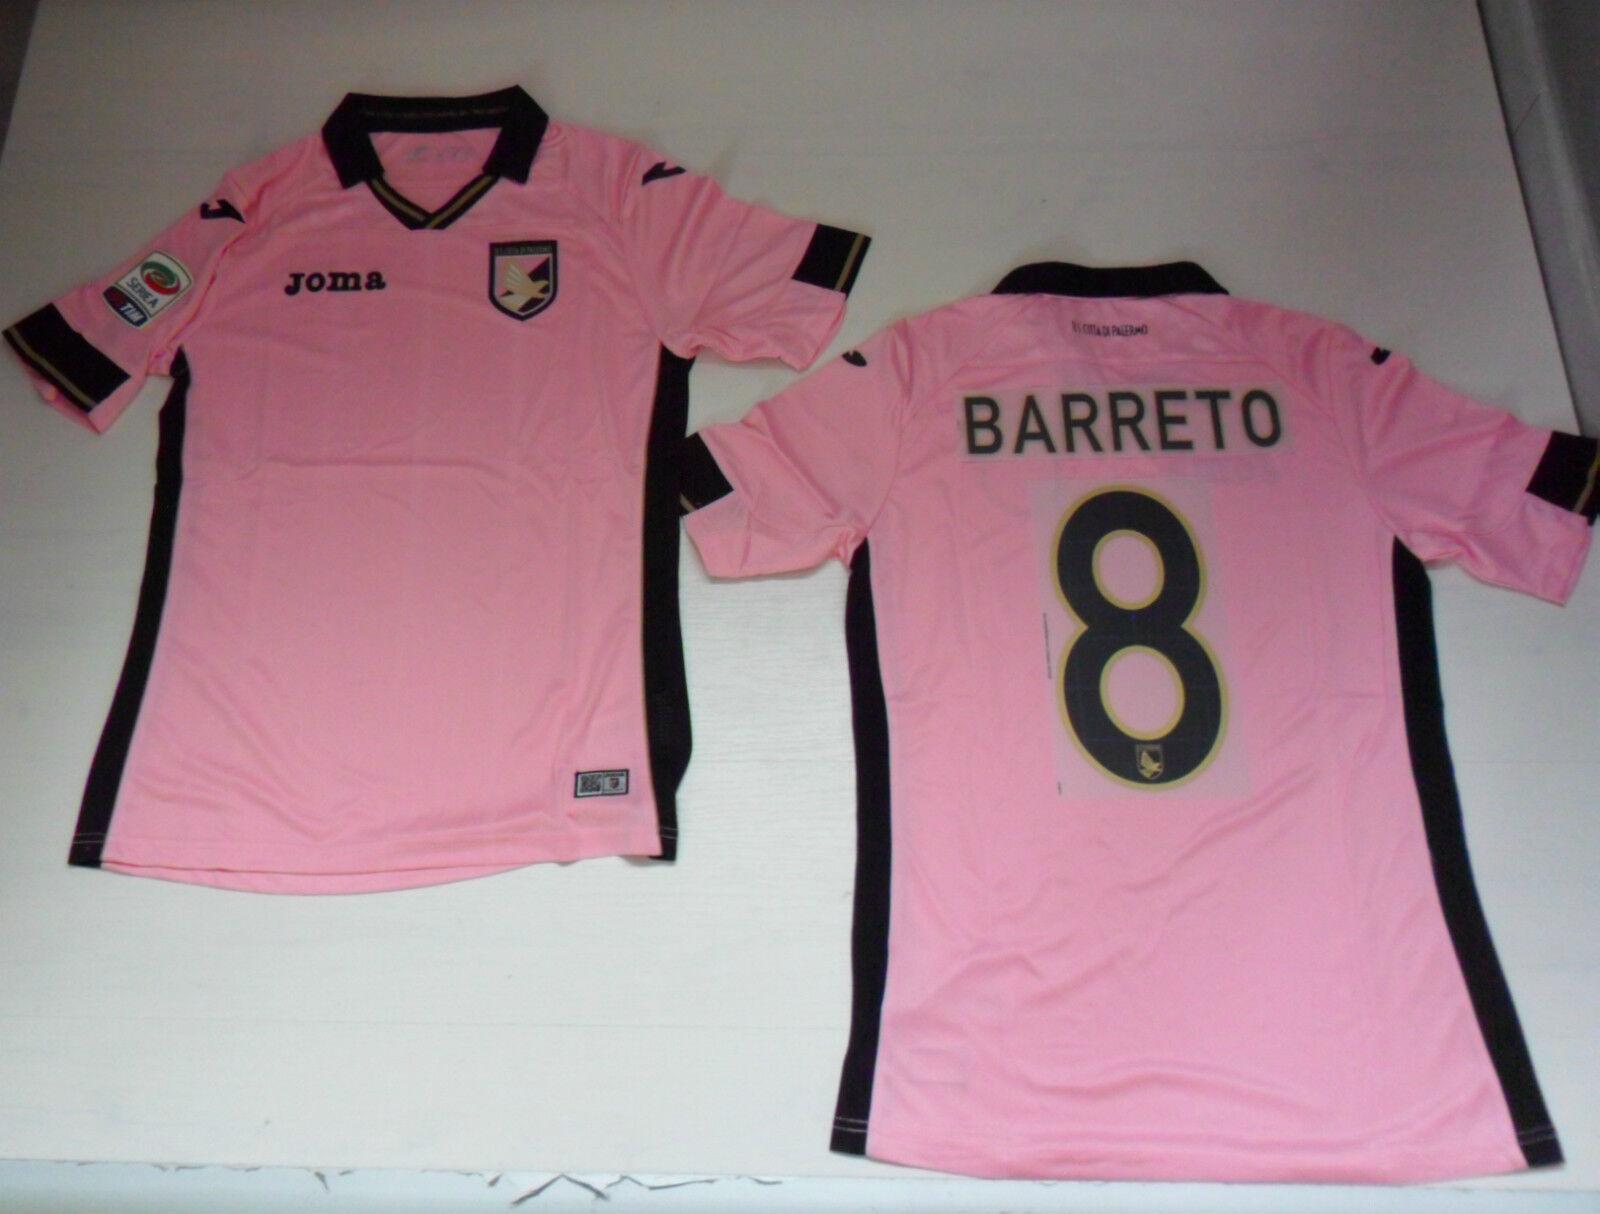 FW14 Palermo Trikot Wettspiel 8 Barreto Home Jersey + Flicken Legierung T-Shirt